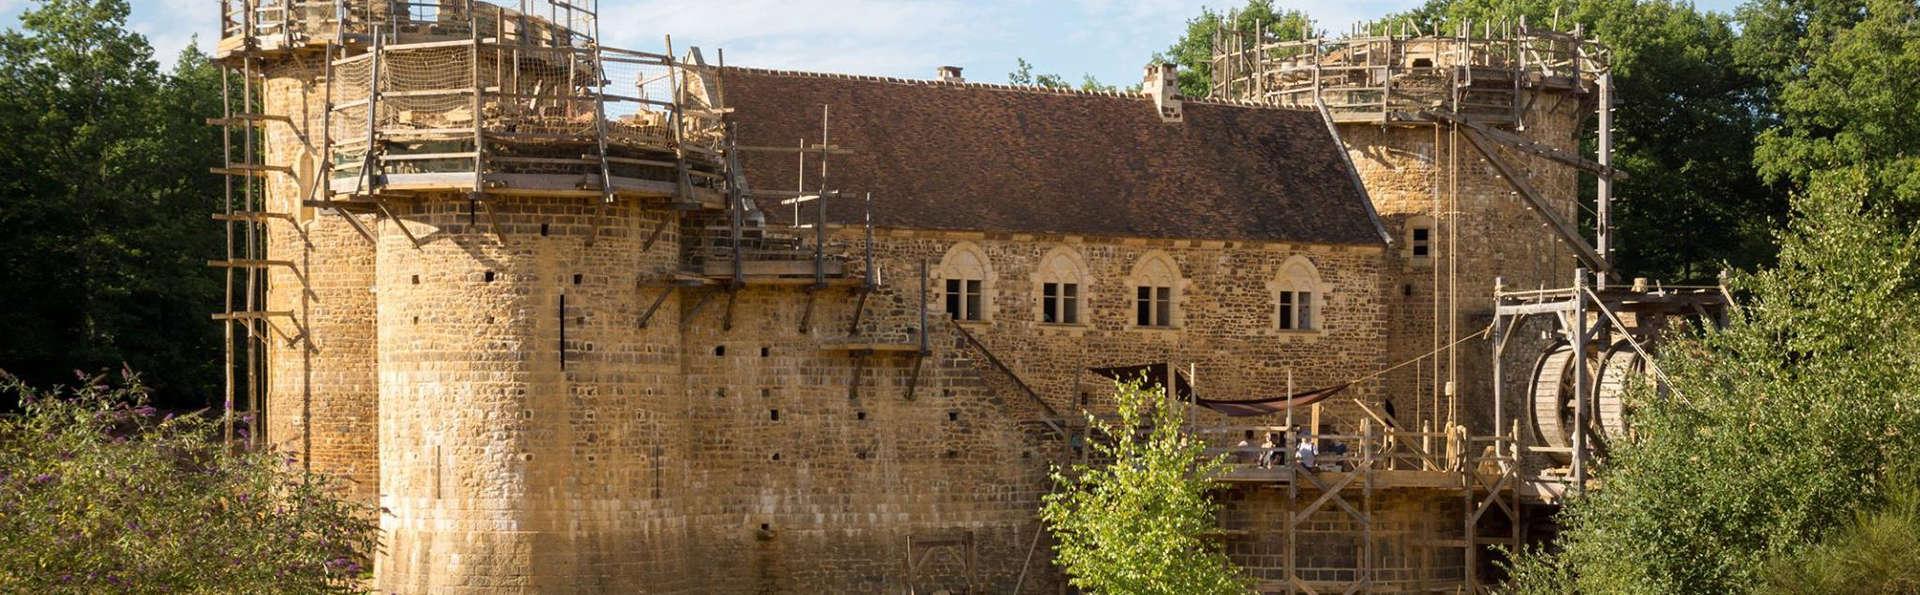 Entrée au chantier médiéval du Château de Guédelon et séjour 3* à Magny-Cours